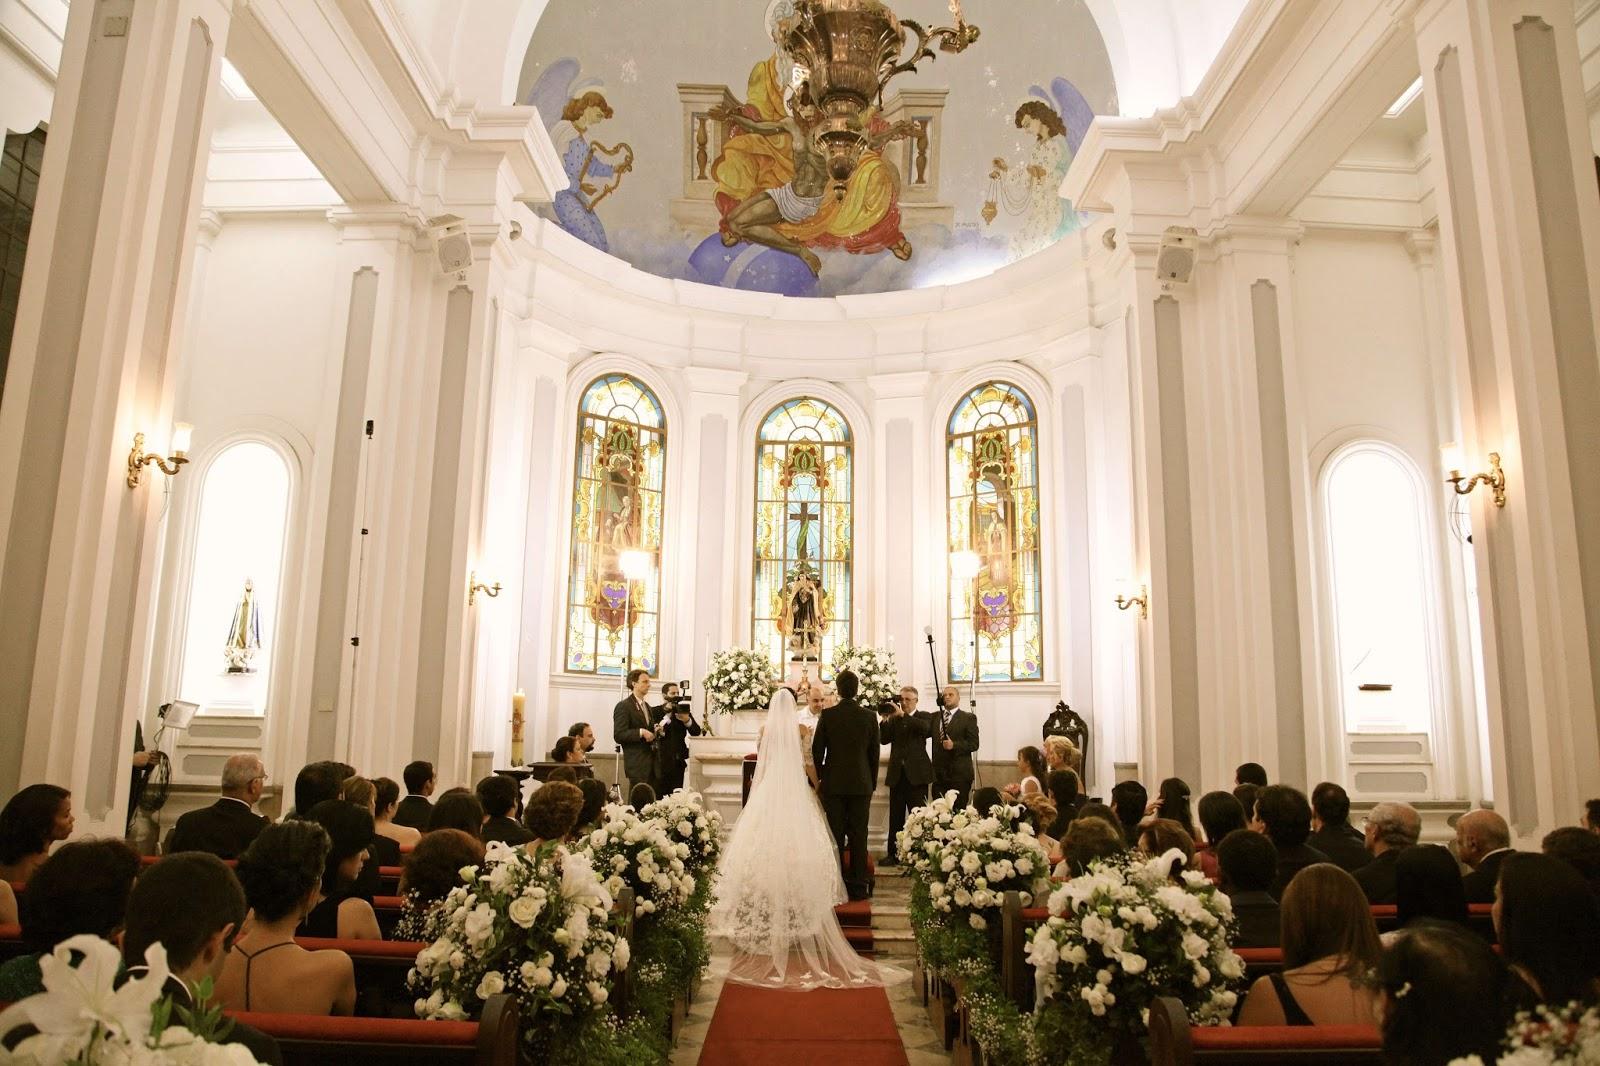 Matrimonio Catolico Y Adventista : Questão de confiança haveria problema se mÚsicos